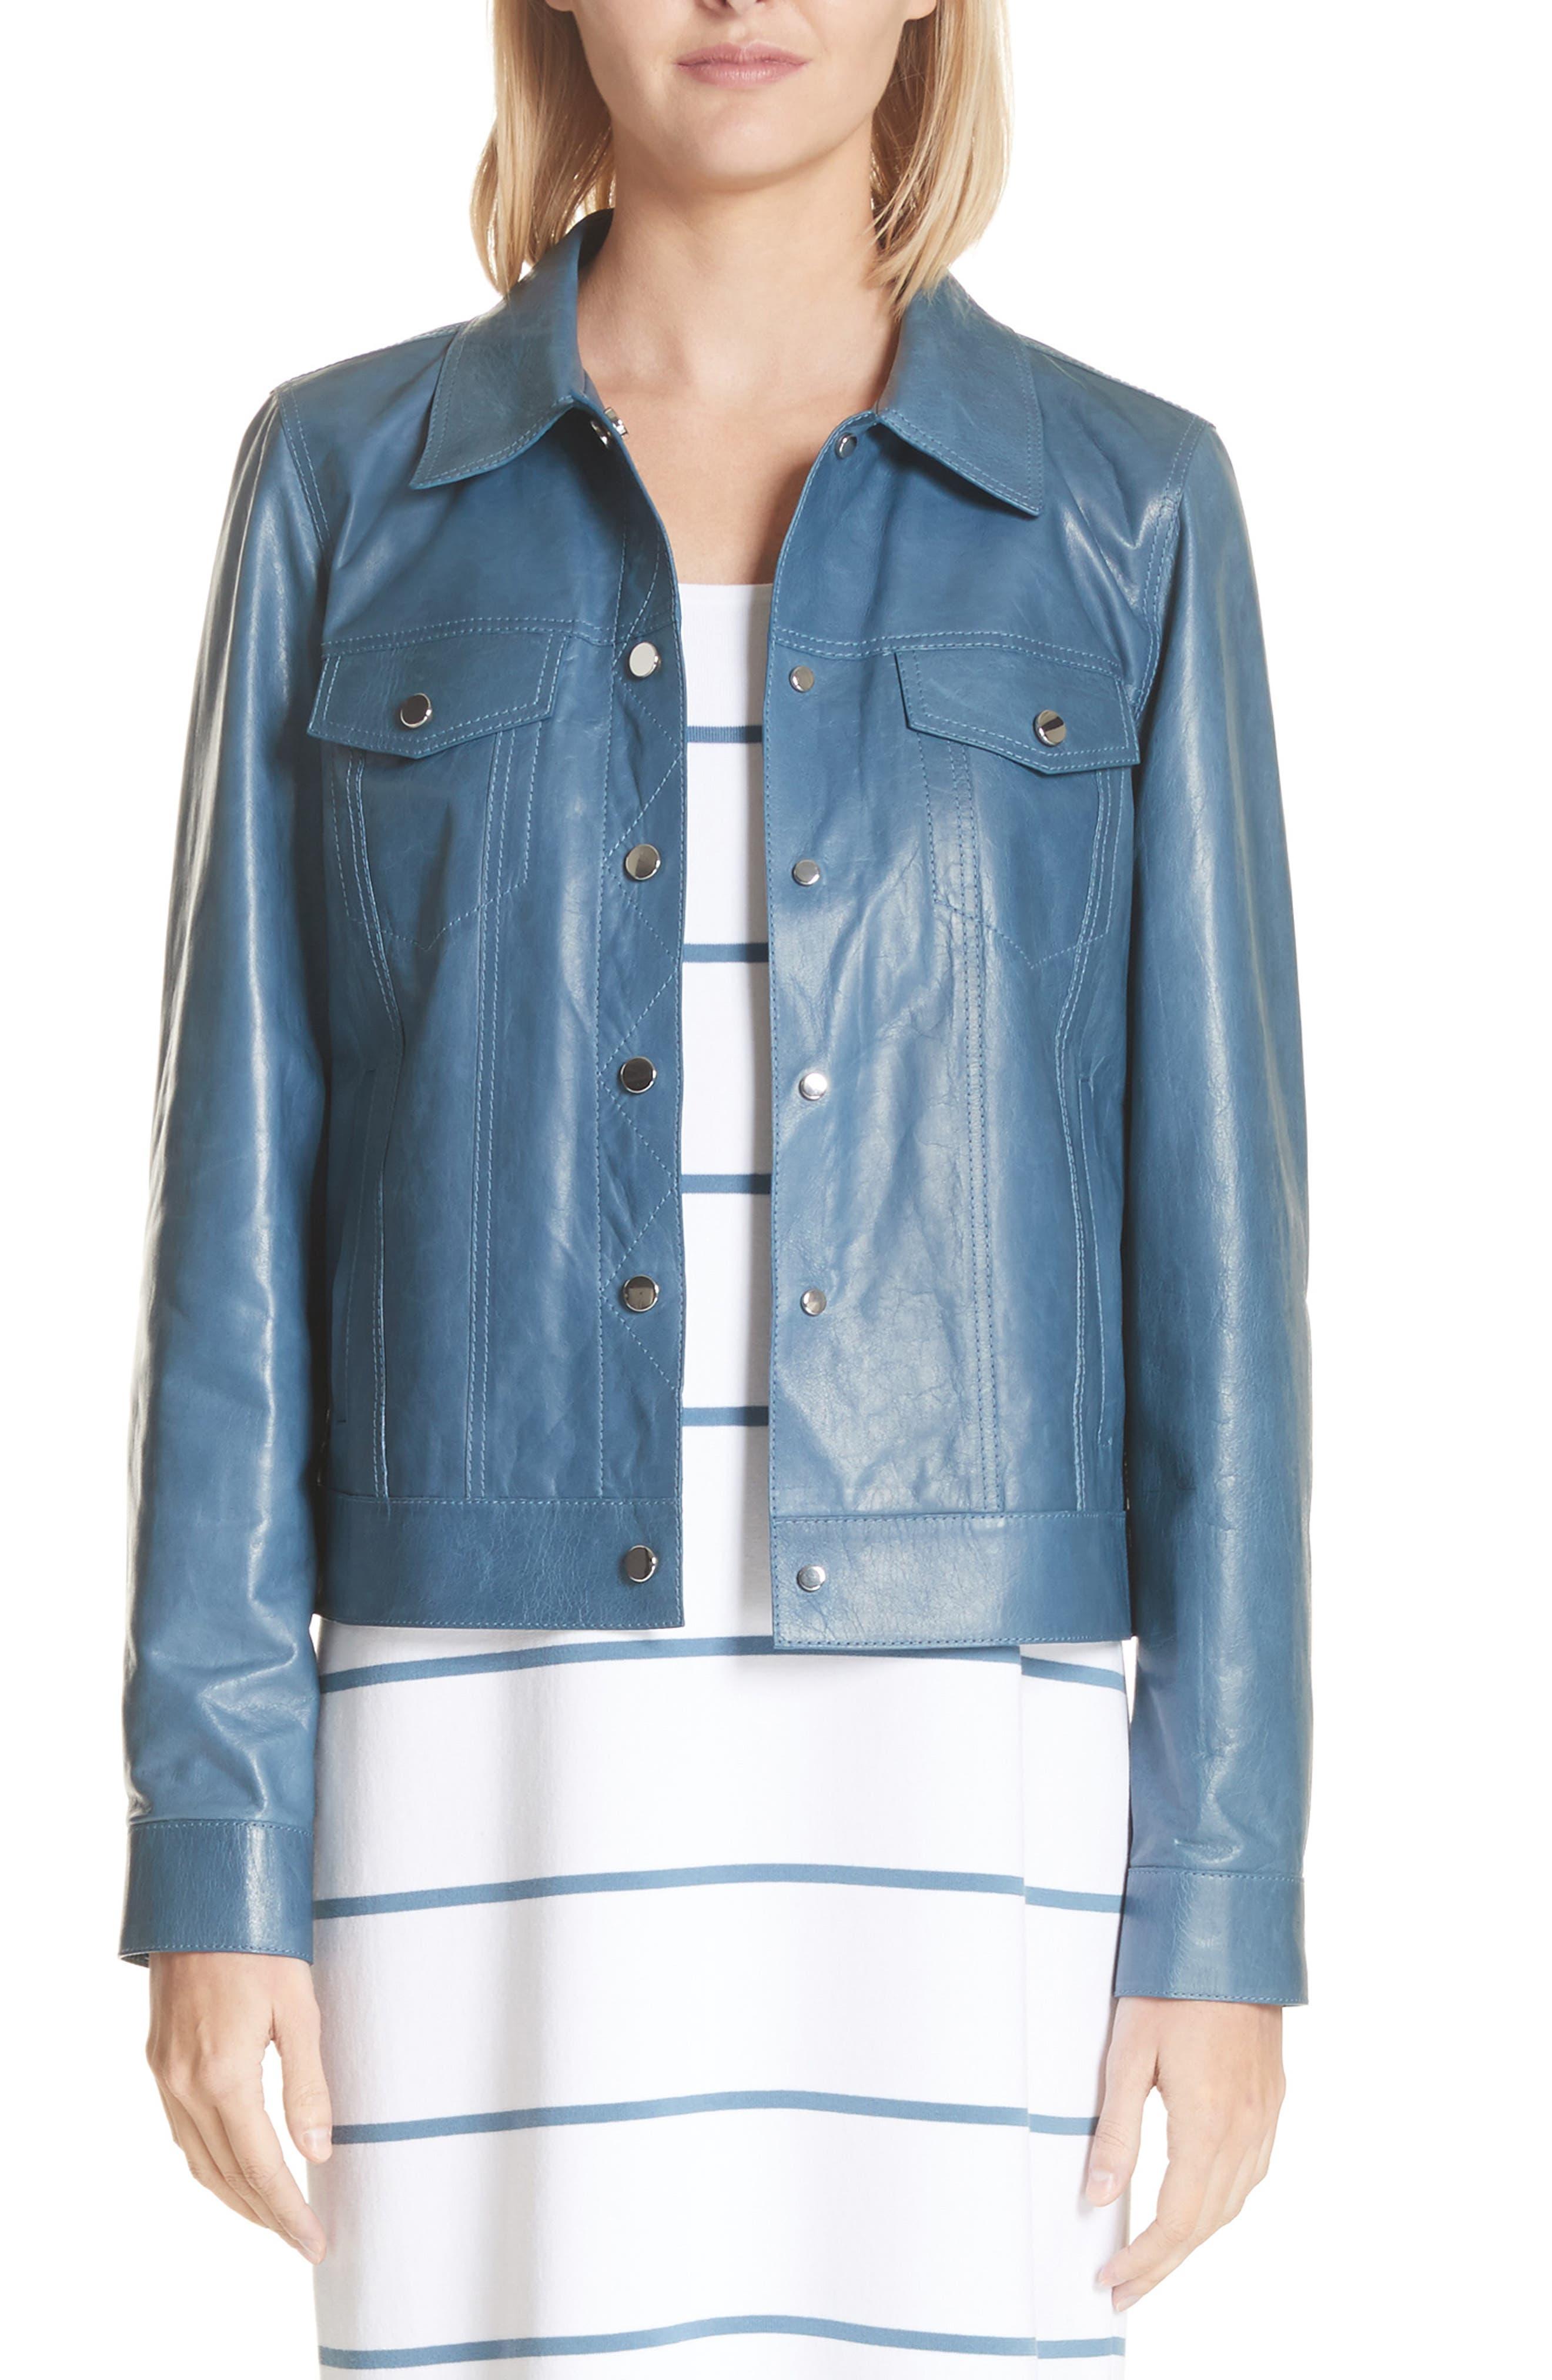 Destiny Leather Jacket,                             Main thumbnail 1, color,                             Placid Blue